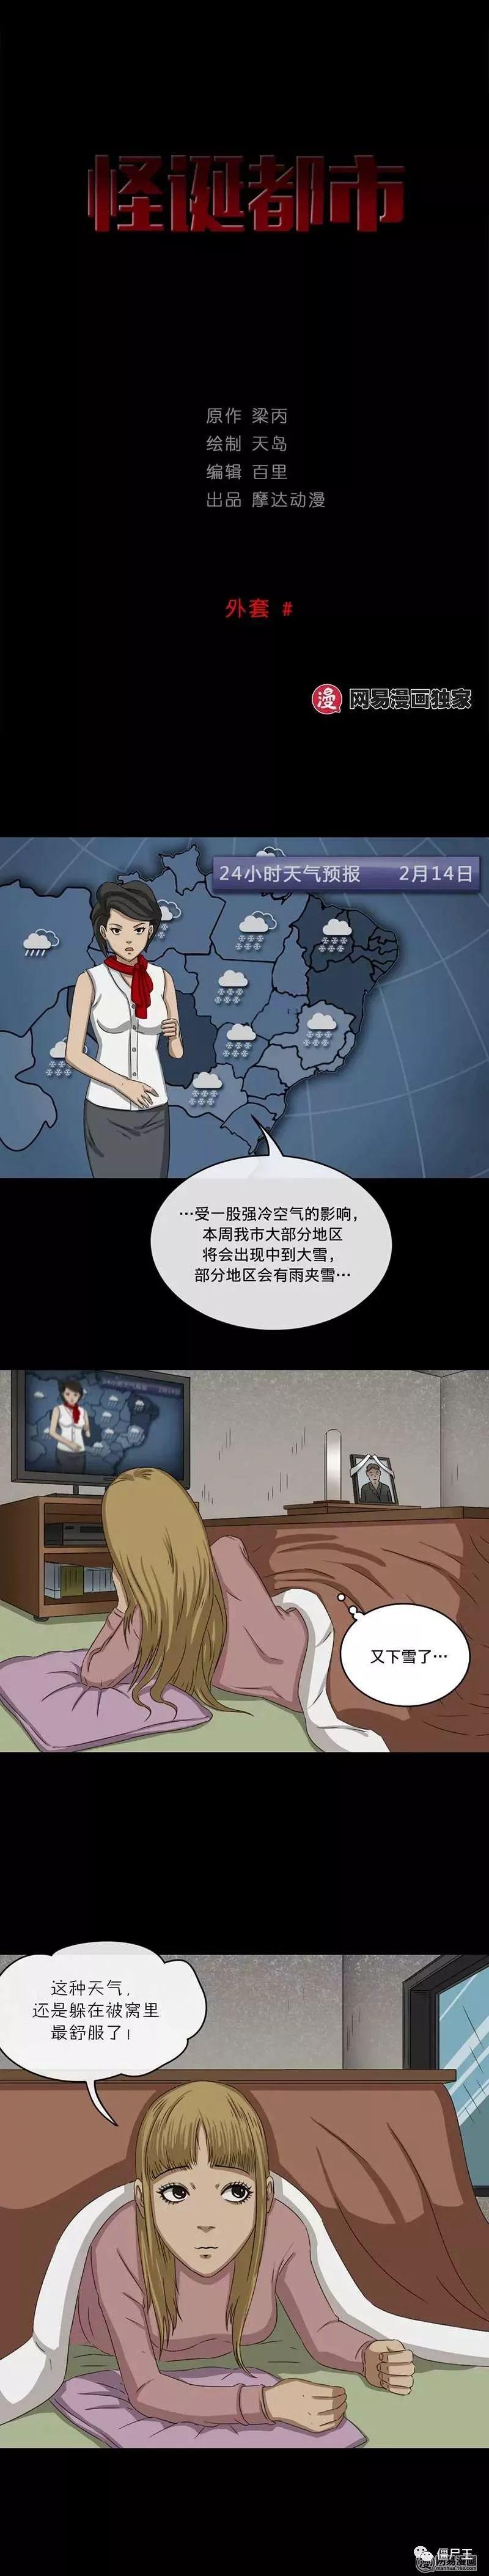 恐怖漫画:怪诞都市之动物外套-僵尸王